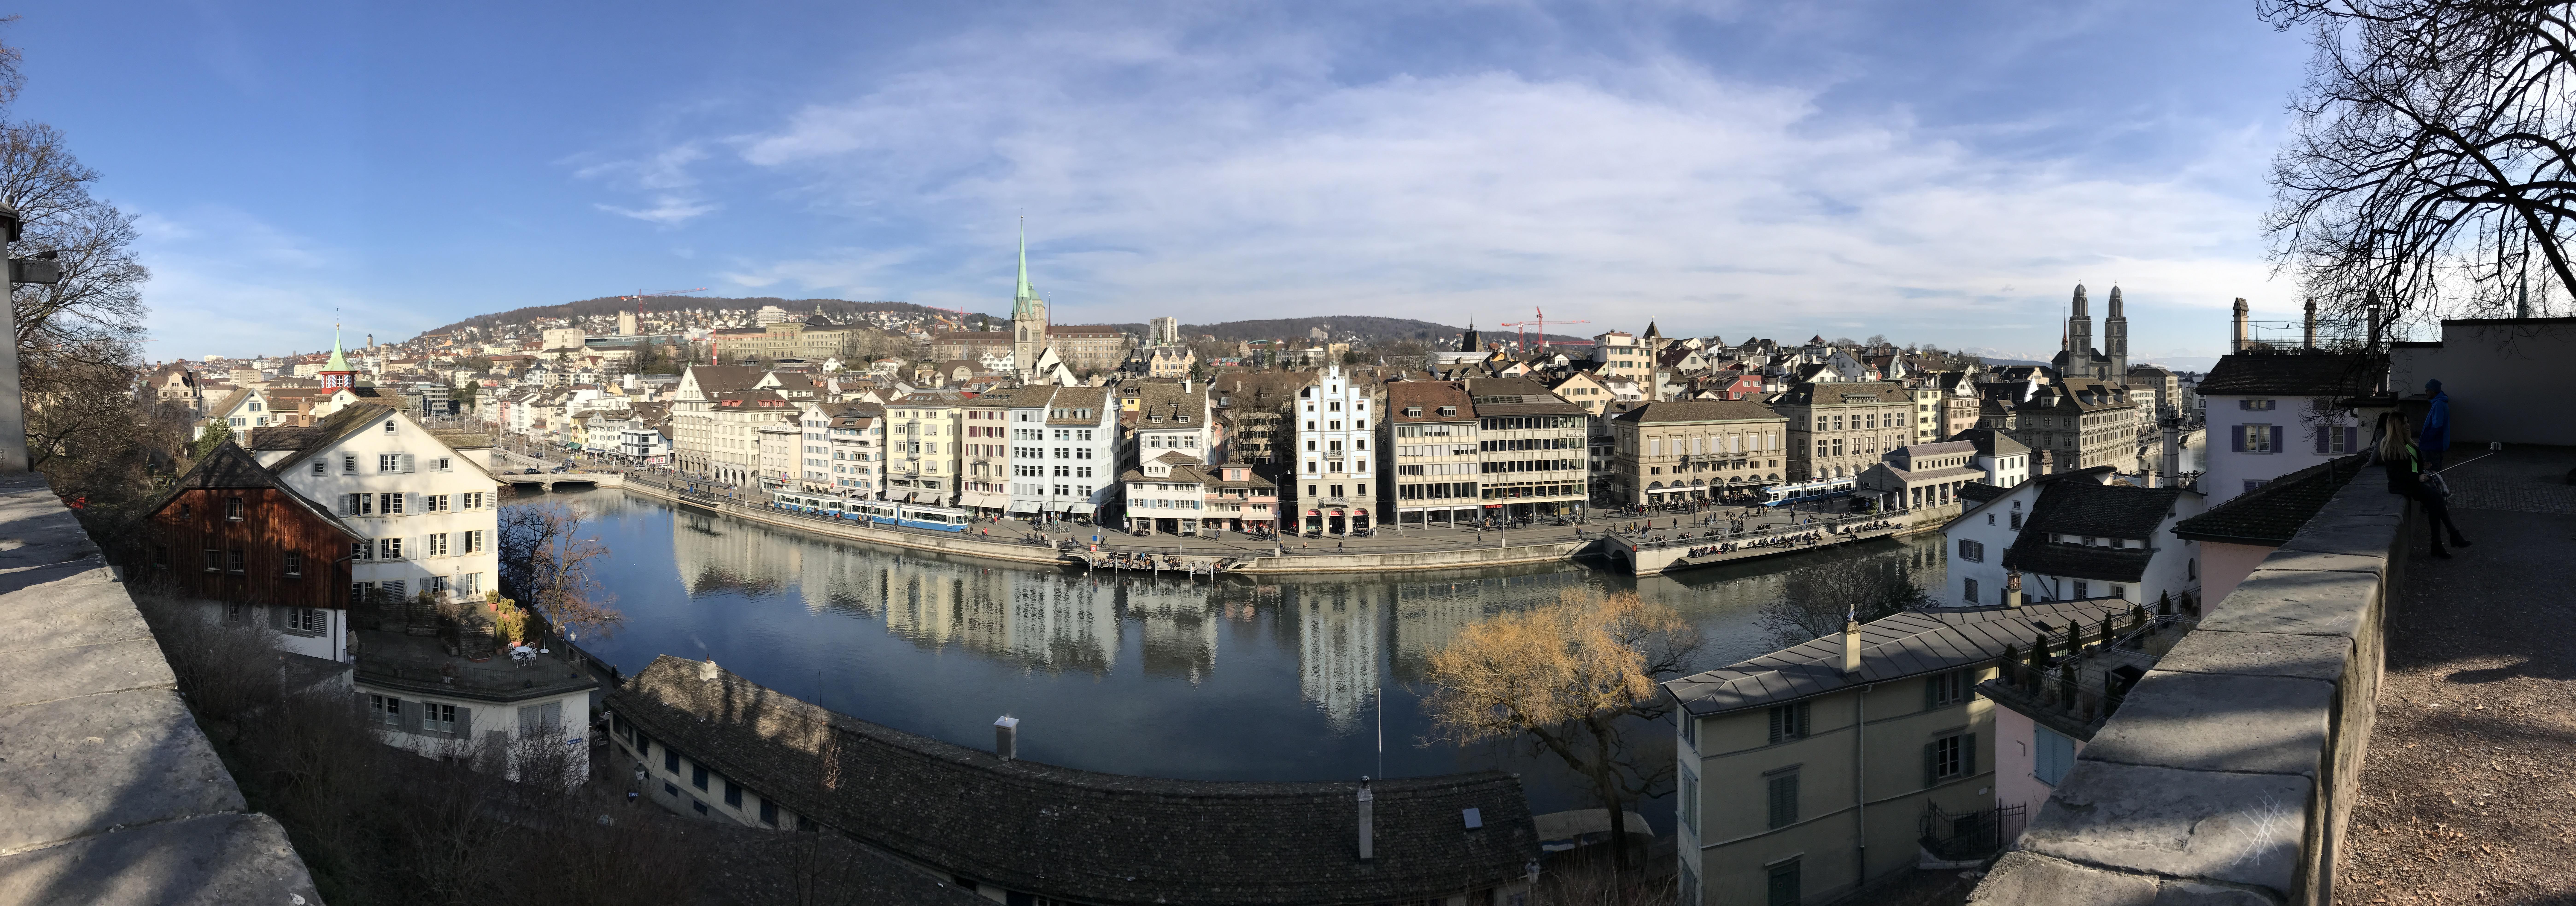 Old Town Zürich